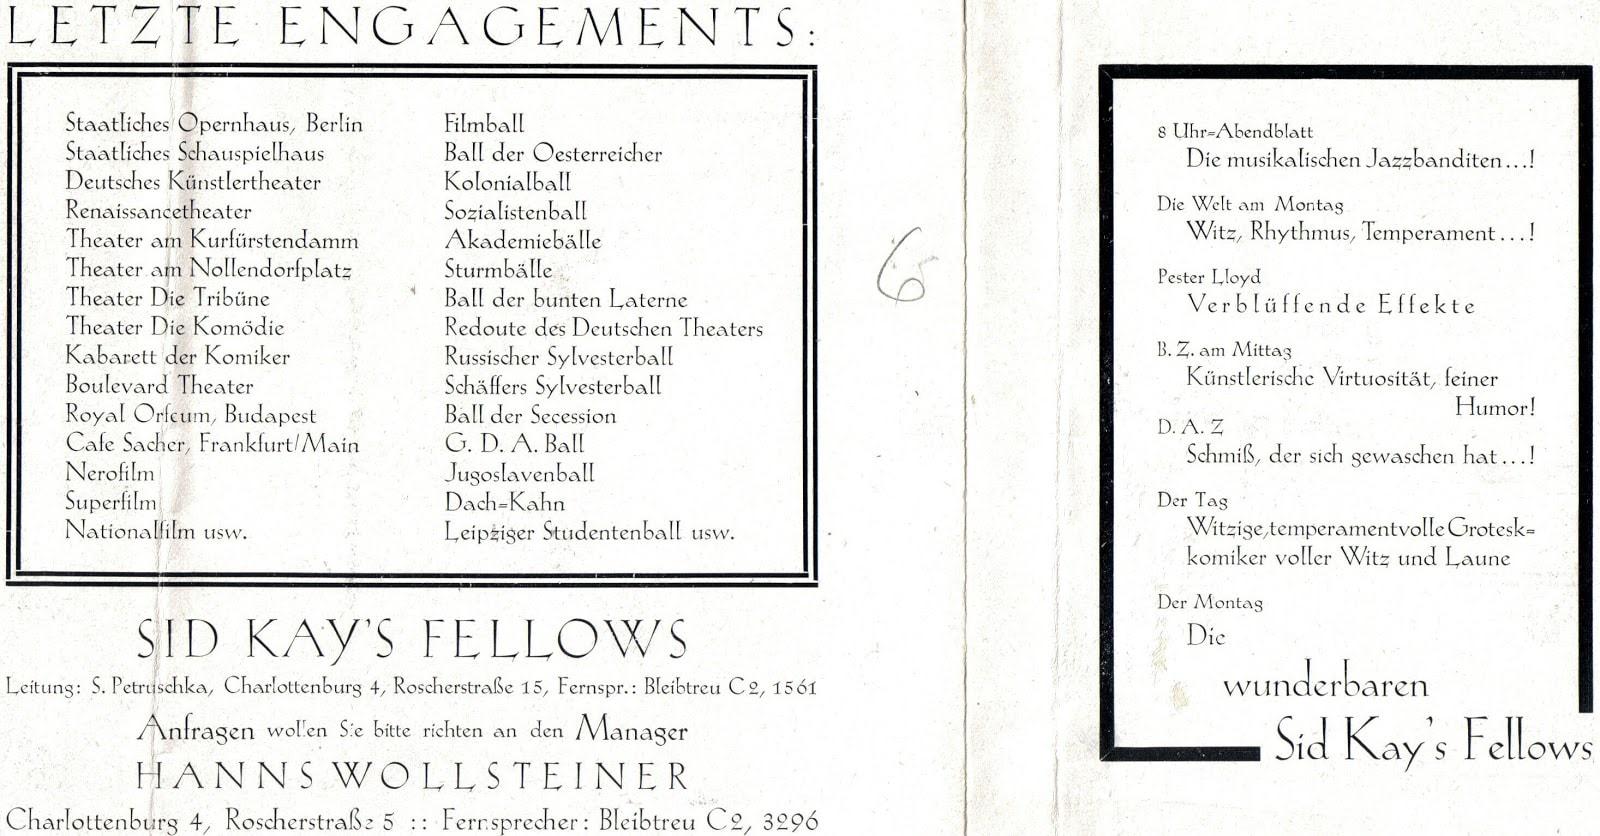 Sid Kays Fellows